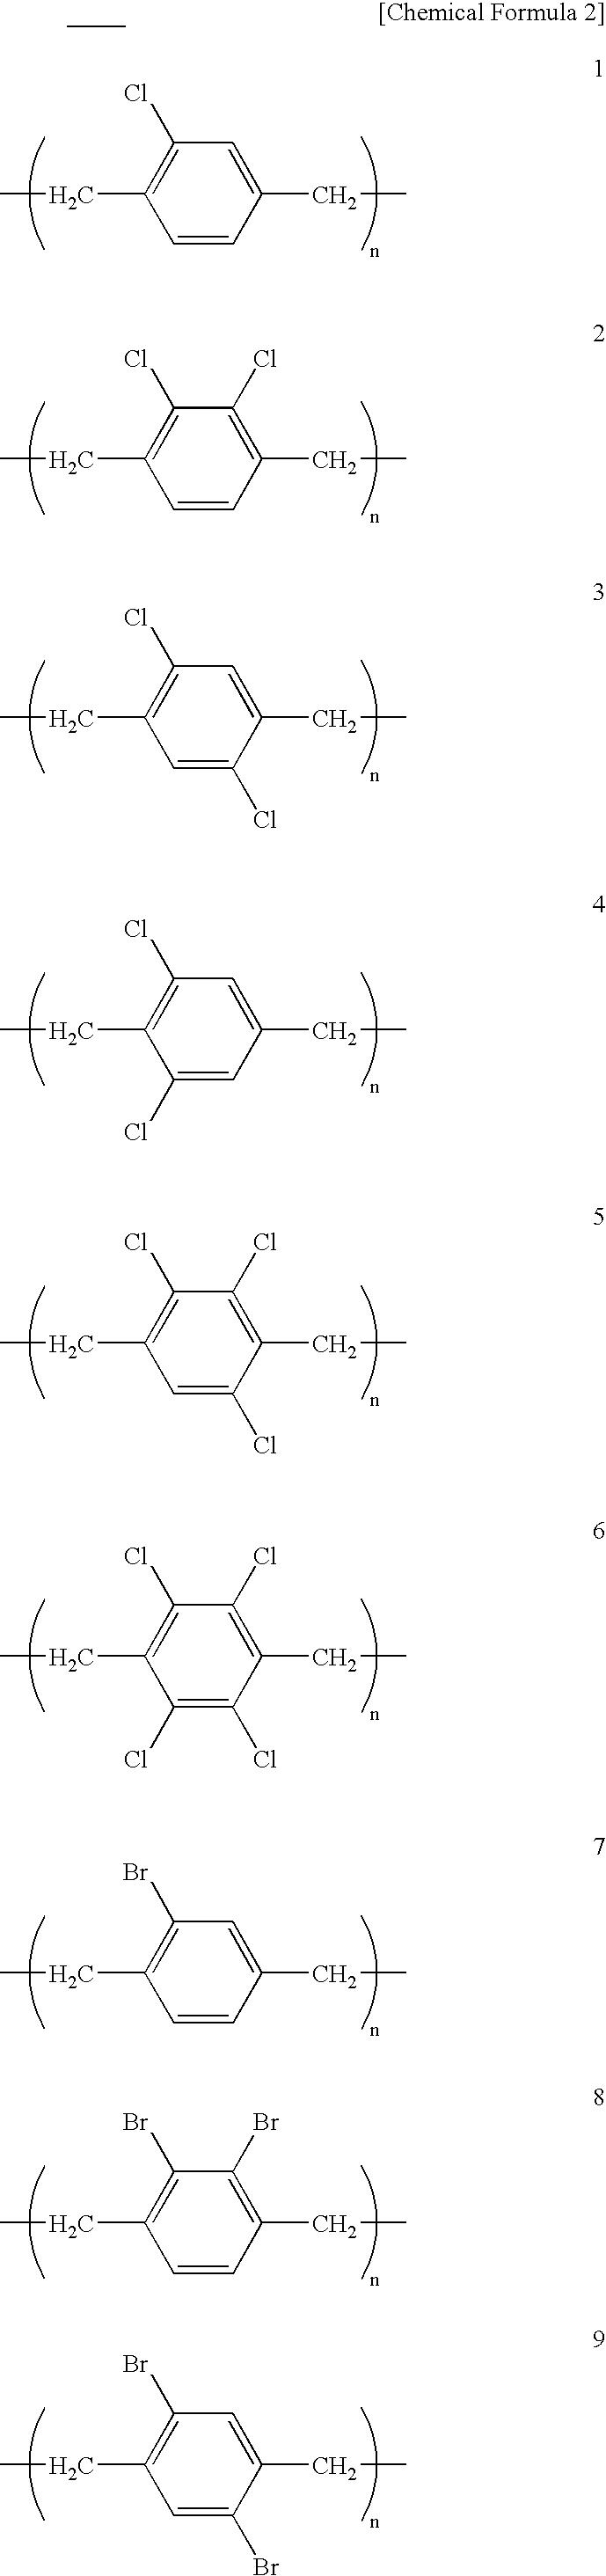 Figure US20070221958A1-20070927-C00002